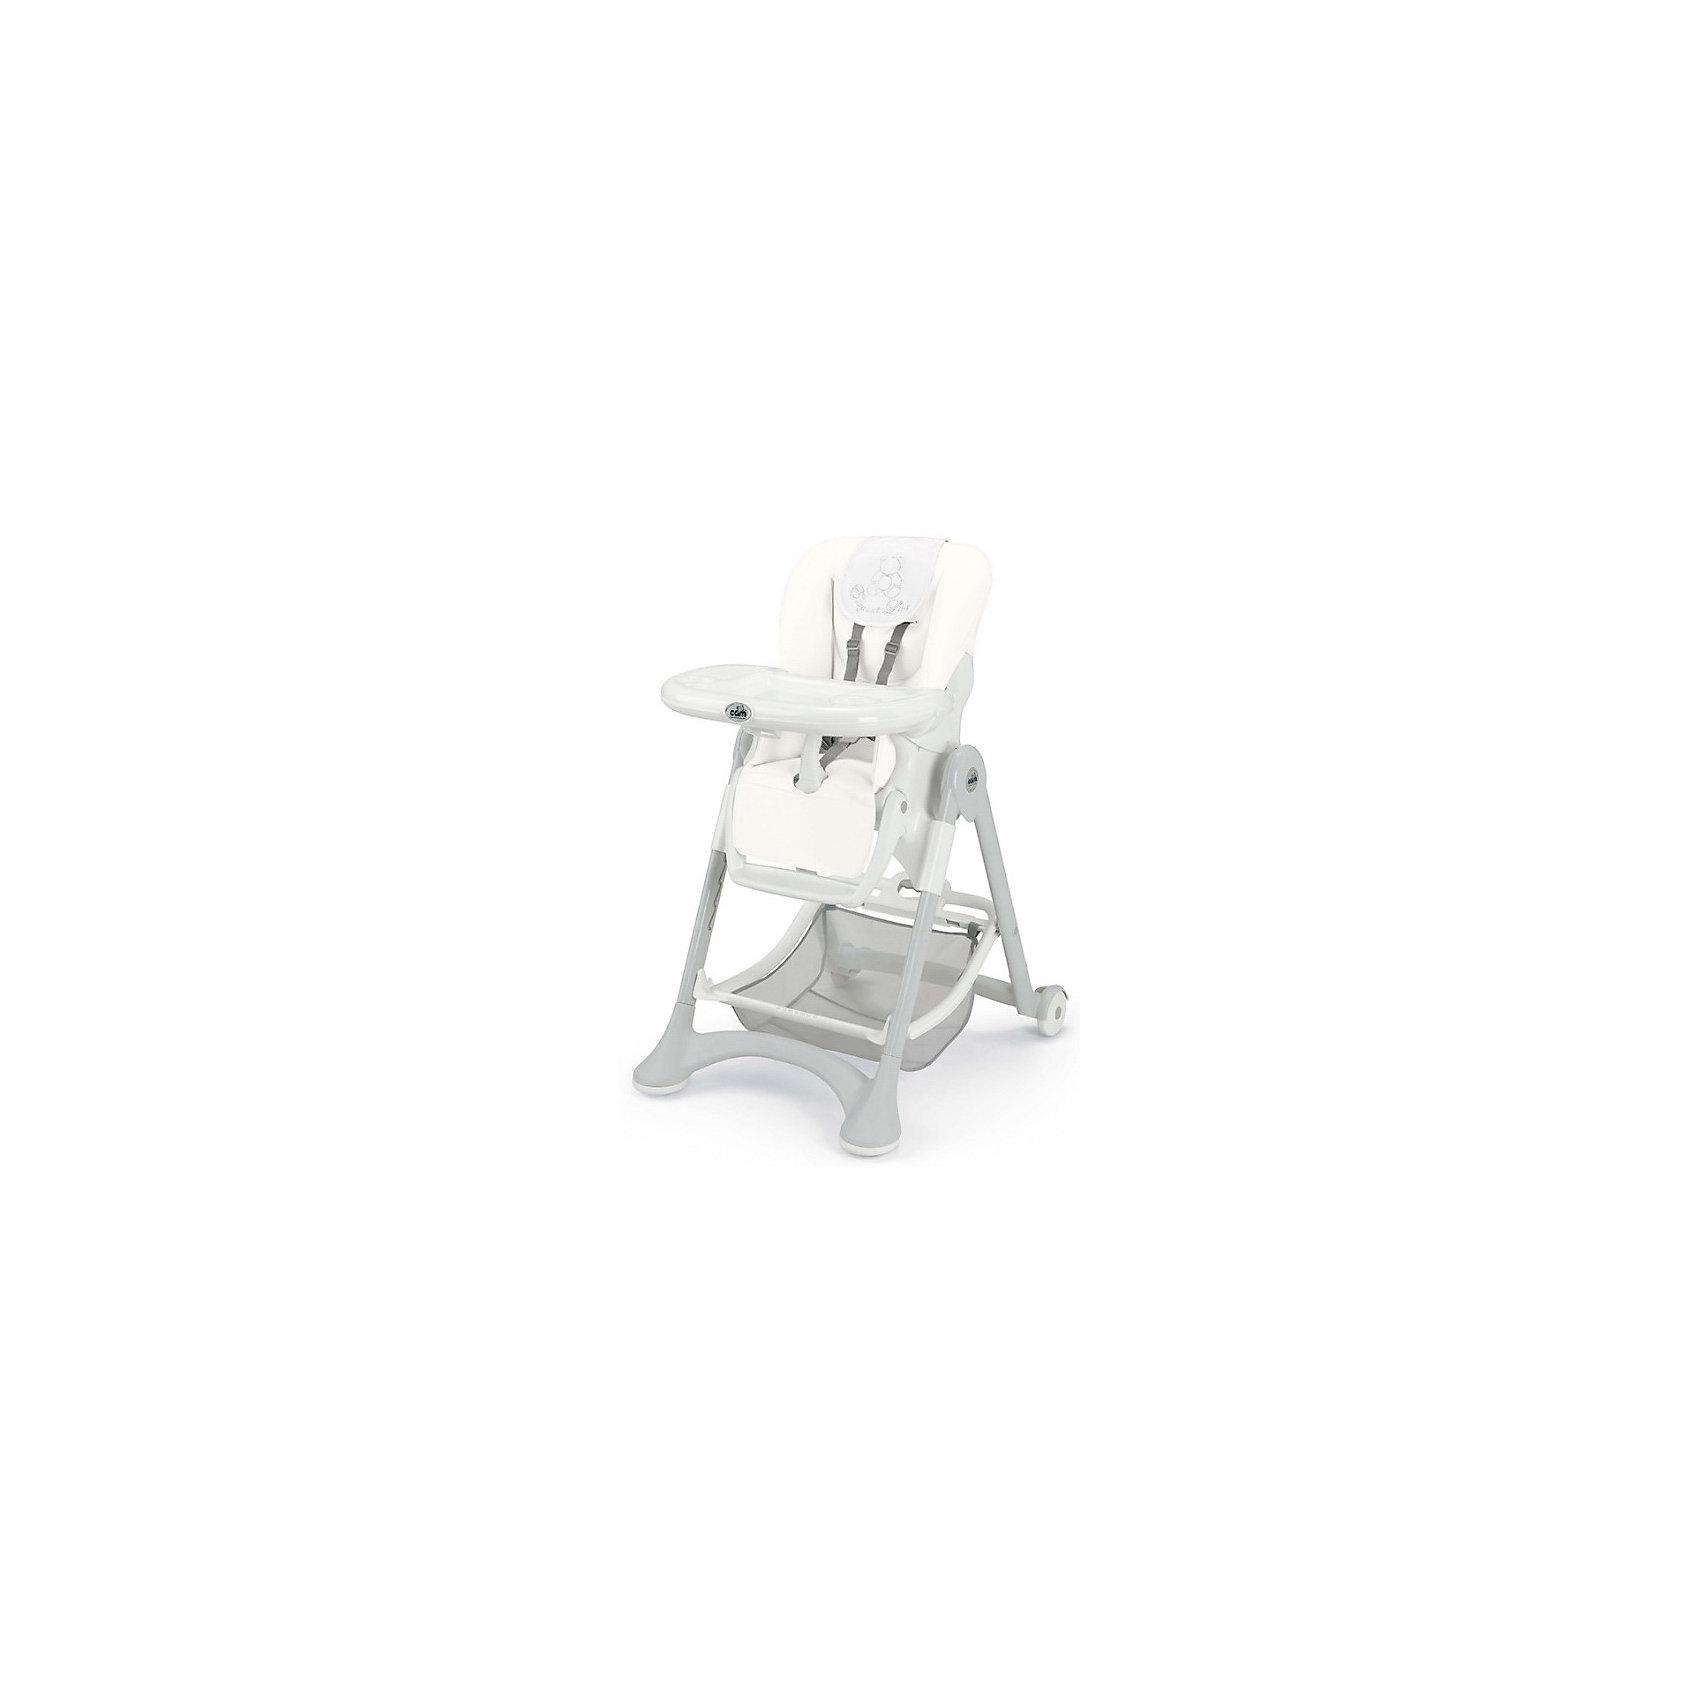 Стульчик для кормления Campione Elegant, CAM, White LeatheretteСтульчики для кормления<br>Очень удобный и комфортный стульчик для кормления обязательно понравится малышам! Мягкое сиденье с регулируемой спинкой, страховочными ремнями и удобным разделителем для ног обеспечит малышам комфорт и безопасность. Стульчик имеет колесики, облегчающие перемещение по квартире; удобную подставку для ножек ребенка; съемный стол можно мыть в посудомоечной машине. Обивка стула выполнена из мягкой ткани, сам стул изготовлен из высококачественных прочных и экологичных материалов. Передняя часть рамы снабжена нескользящими ножками, которые обеспечивают дополнительную безопасность. Под сиденьем располагается большая корзина для игрушек и вещей. <br><br>Дополнительная информация:<br><br>- Материал: пластик, металл, <br>- Размеры : 109х84х61 см<br>- Размеры в сложенном виде: 97х40х61 см.<br>- Колесики.<br>- Вместительная корзина внизу. <br>- Нескользящие ножки.<br>- Регулируемый наклон спинки ( 3 положения, до положения лежа).<br>- Компактно складывается.<br>- Съемный стол (можно мыть в посудомоечной машине).<br>- Регулировка по высоте в 6 положениях. <br>- Регулируемая подножка.<br>- 5-ти точечные ремни безопасности.<br>- Чехол из ткани легко чистить. <br><br>Стульчик для кормления Campione Elegant, CAM, White Leatherette, можно купить в нашем магазине.<br><br>Ширина мм: 627<br>Глубина мм: 307<br>Высота мм: 980<br>Вес г: 12200<br>Возраст от месяцев: 6<br>Возраст до месяцев: 36<br>Пол: Унисекс<br>Возраст: Детский<br>SKU: 4443774